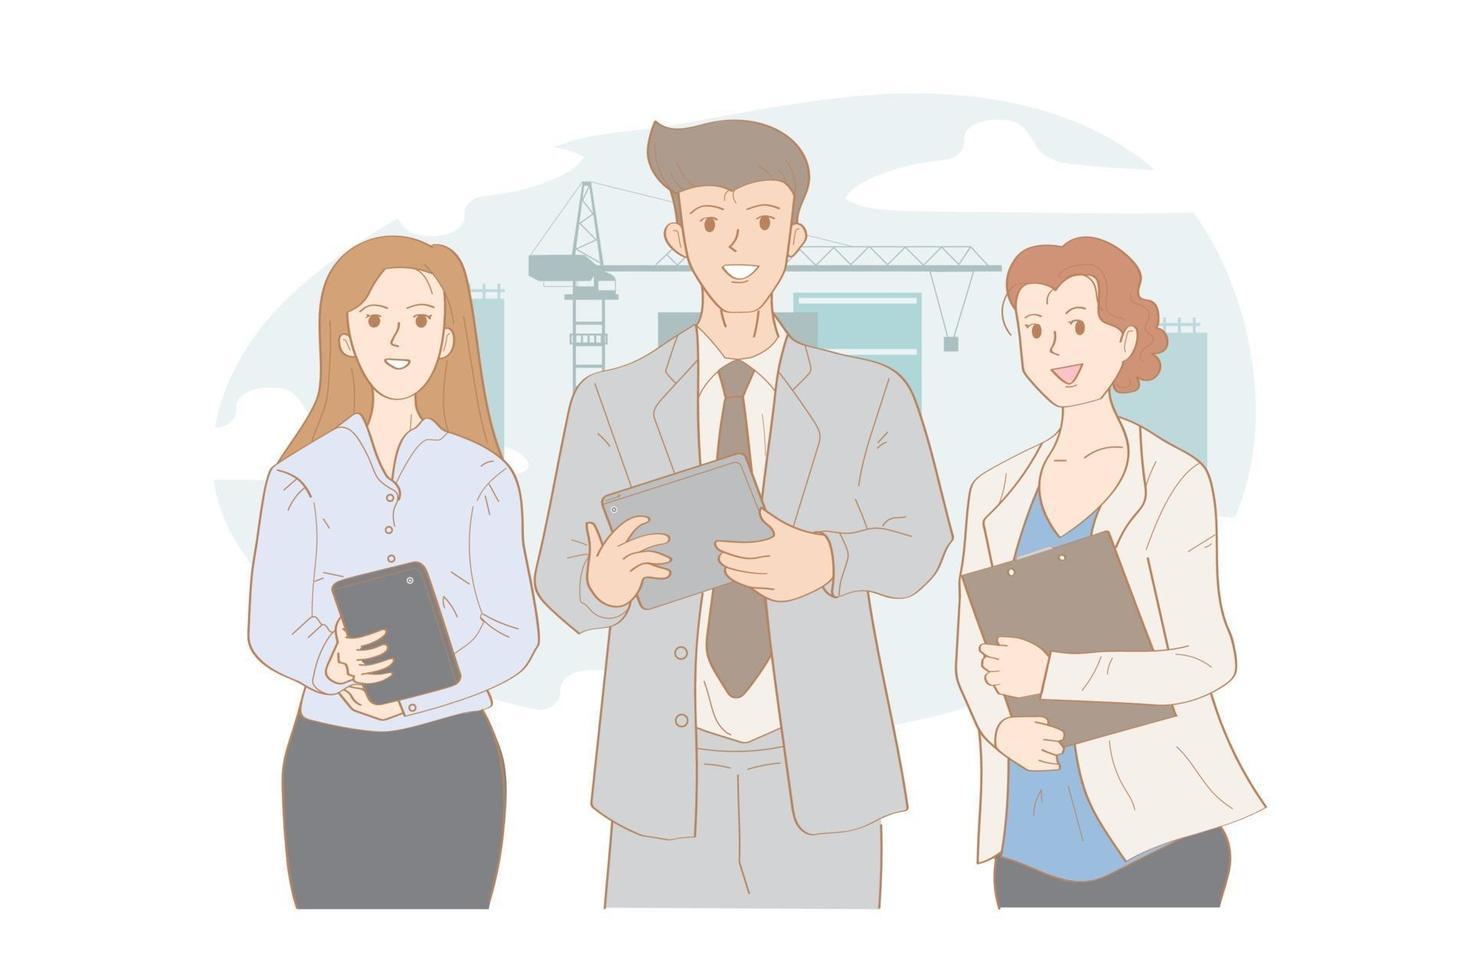 Rencontre homme entrepreneur, hommes célibataires